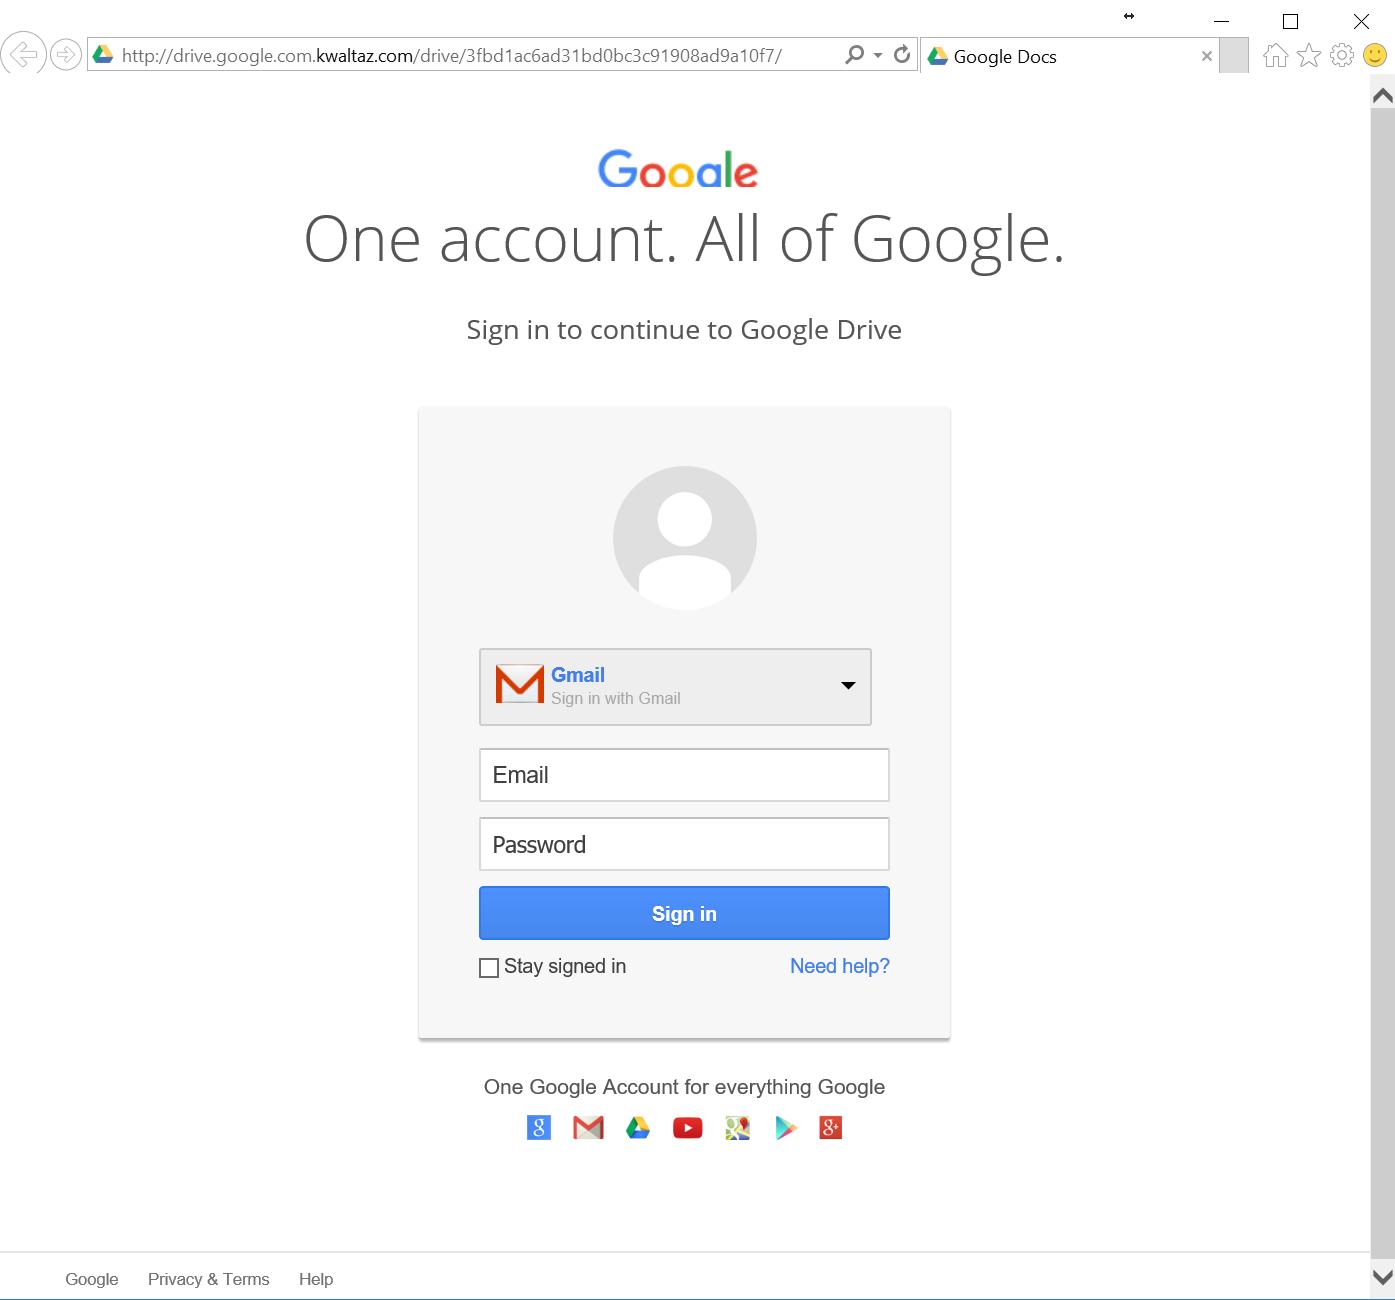 fake-login-page-screenshot